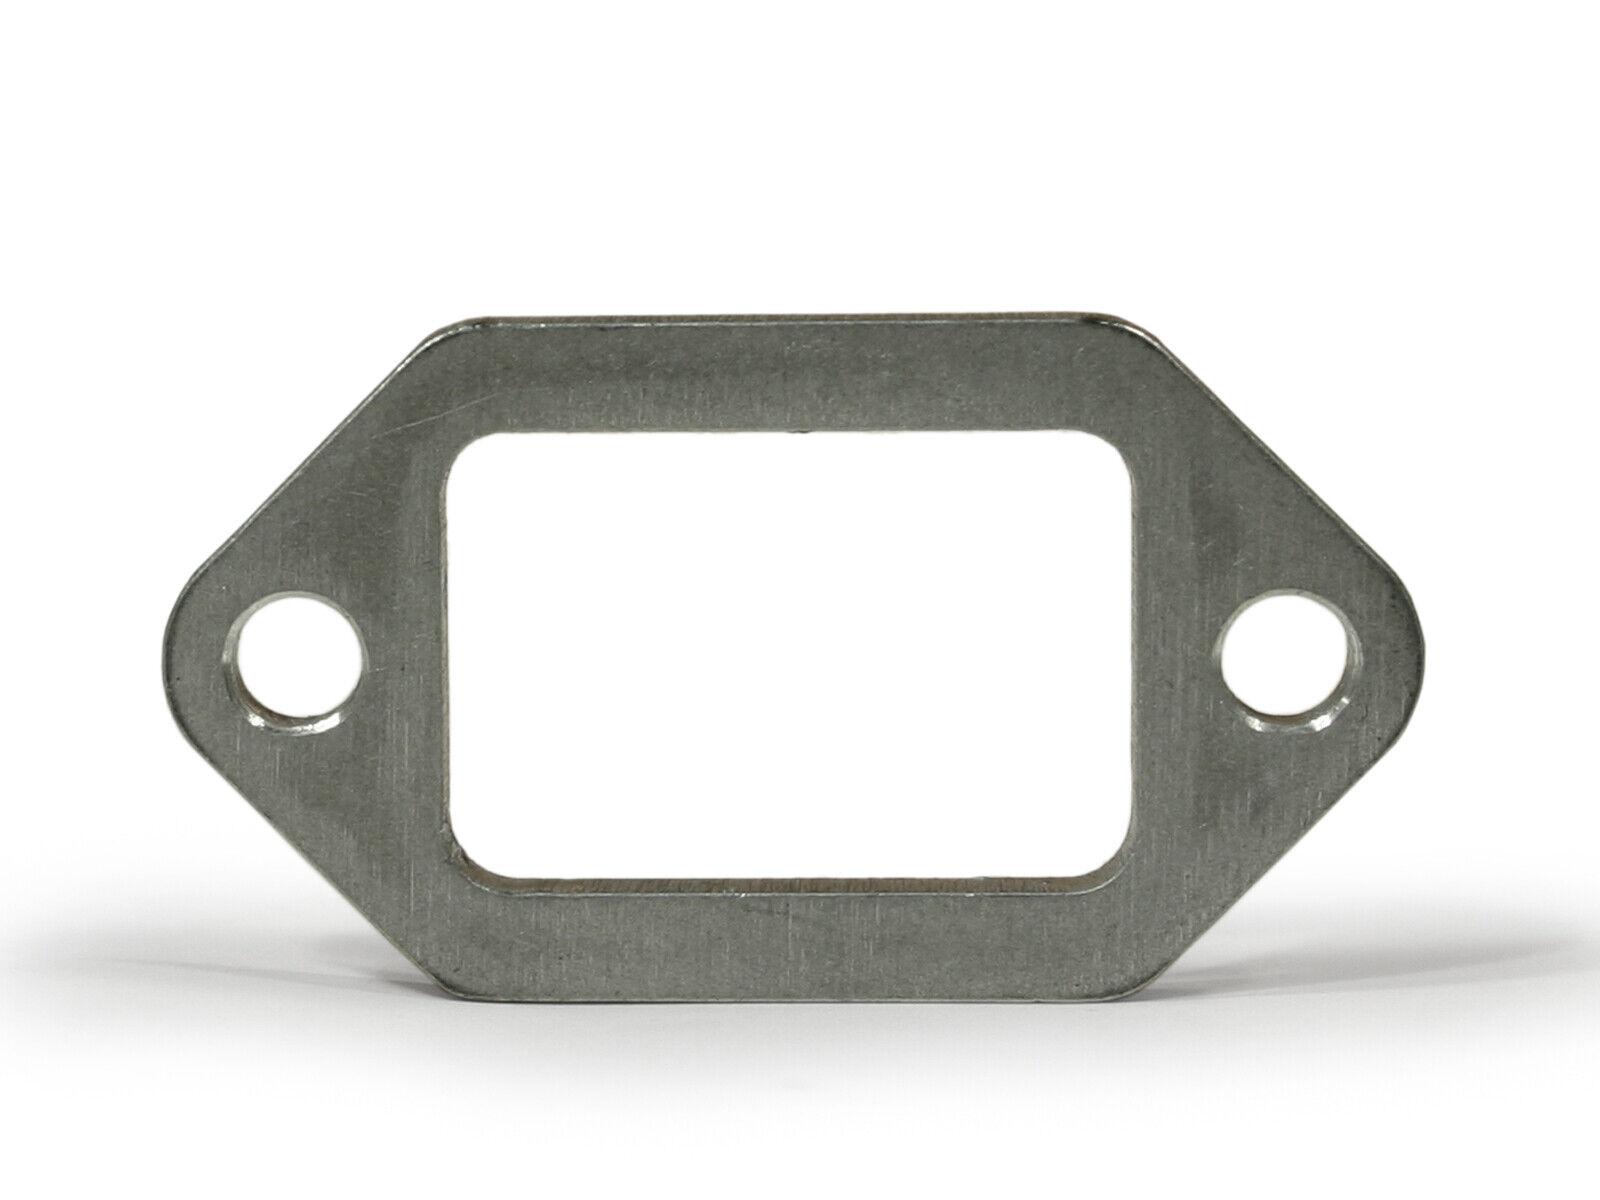 Gummi-Leiste für Kettenraddeckel passend für Stihl 046 AV MS460 guard for cover